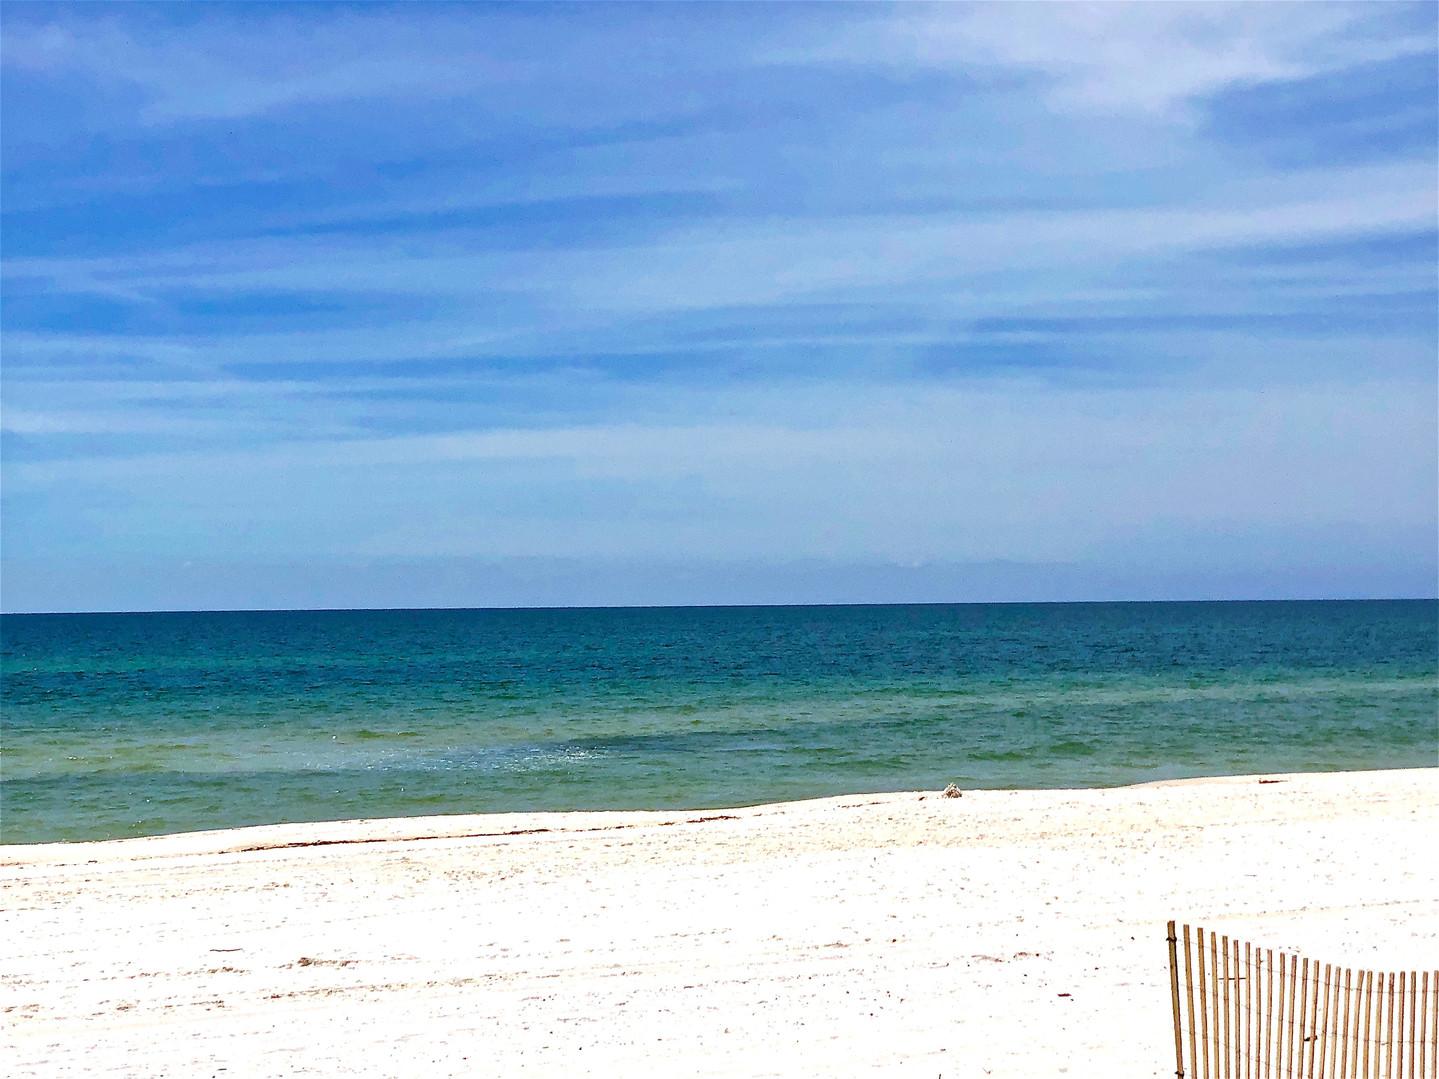 Beach in front of Barrier Dunes